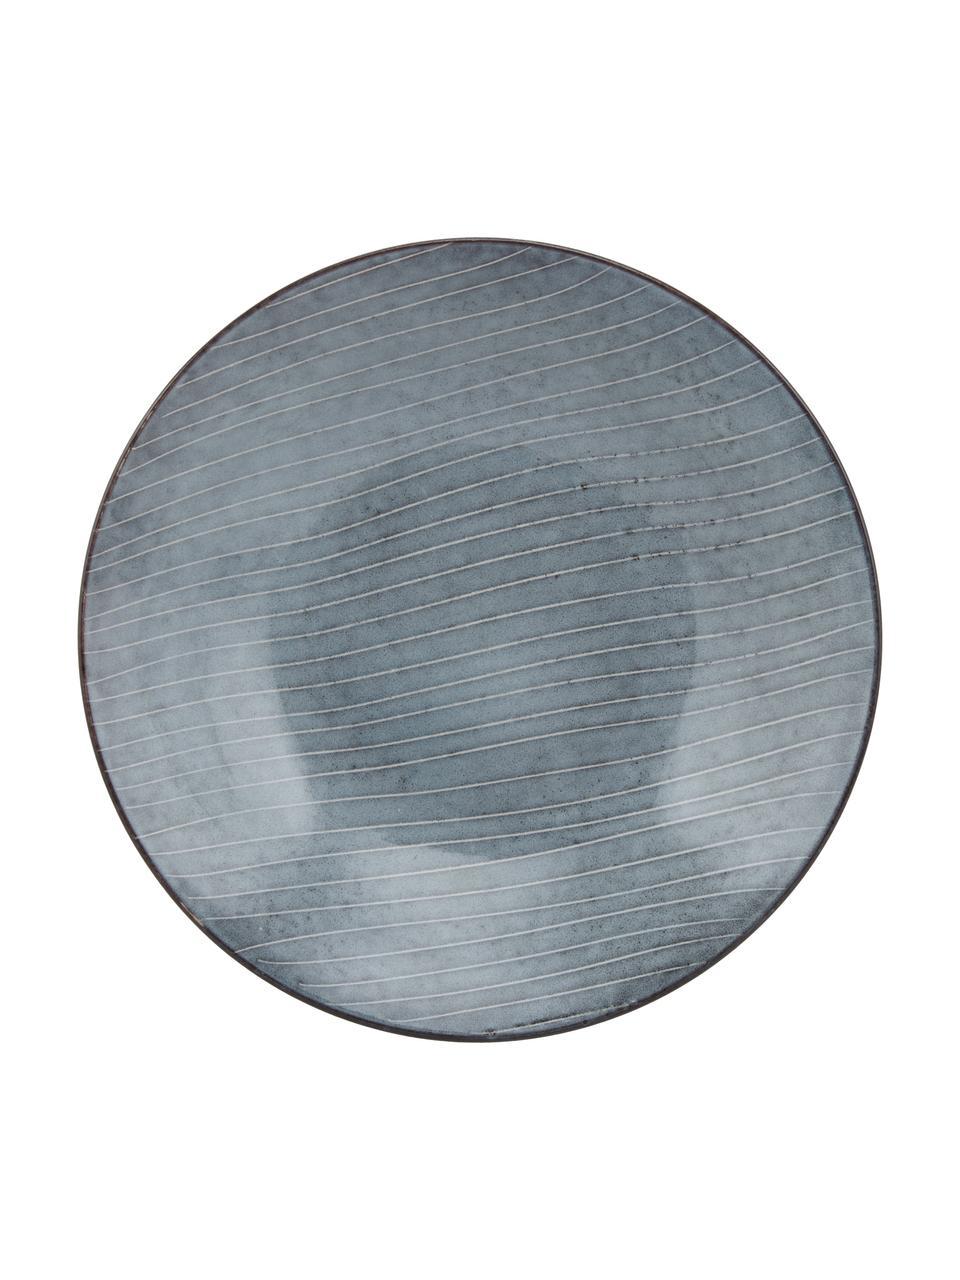 Piatto fondo in gres fatto a mano Nordic Sea 4 pz, Ø 22 cm, Gres, Tonalità grigie e blu, Ø 22 x Alt. 5 cm